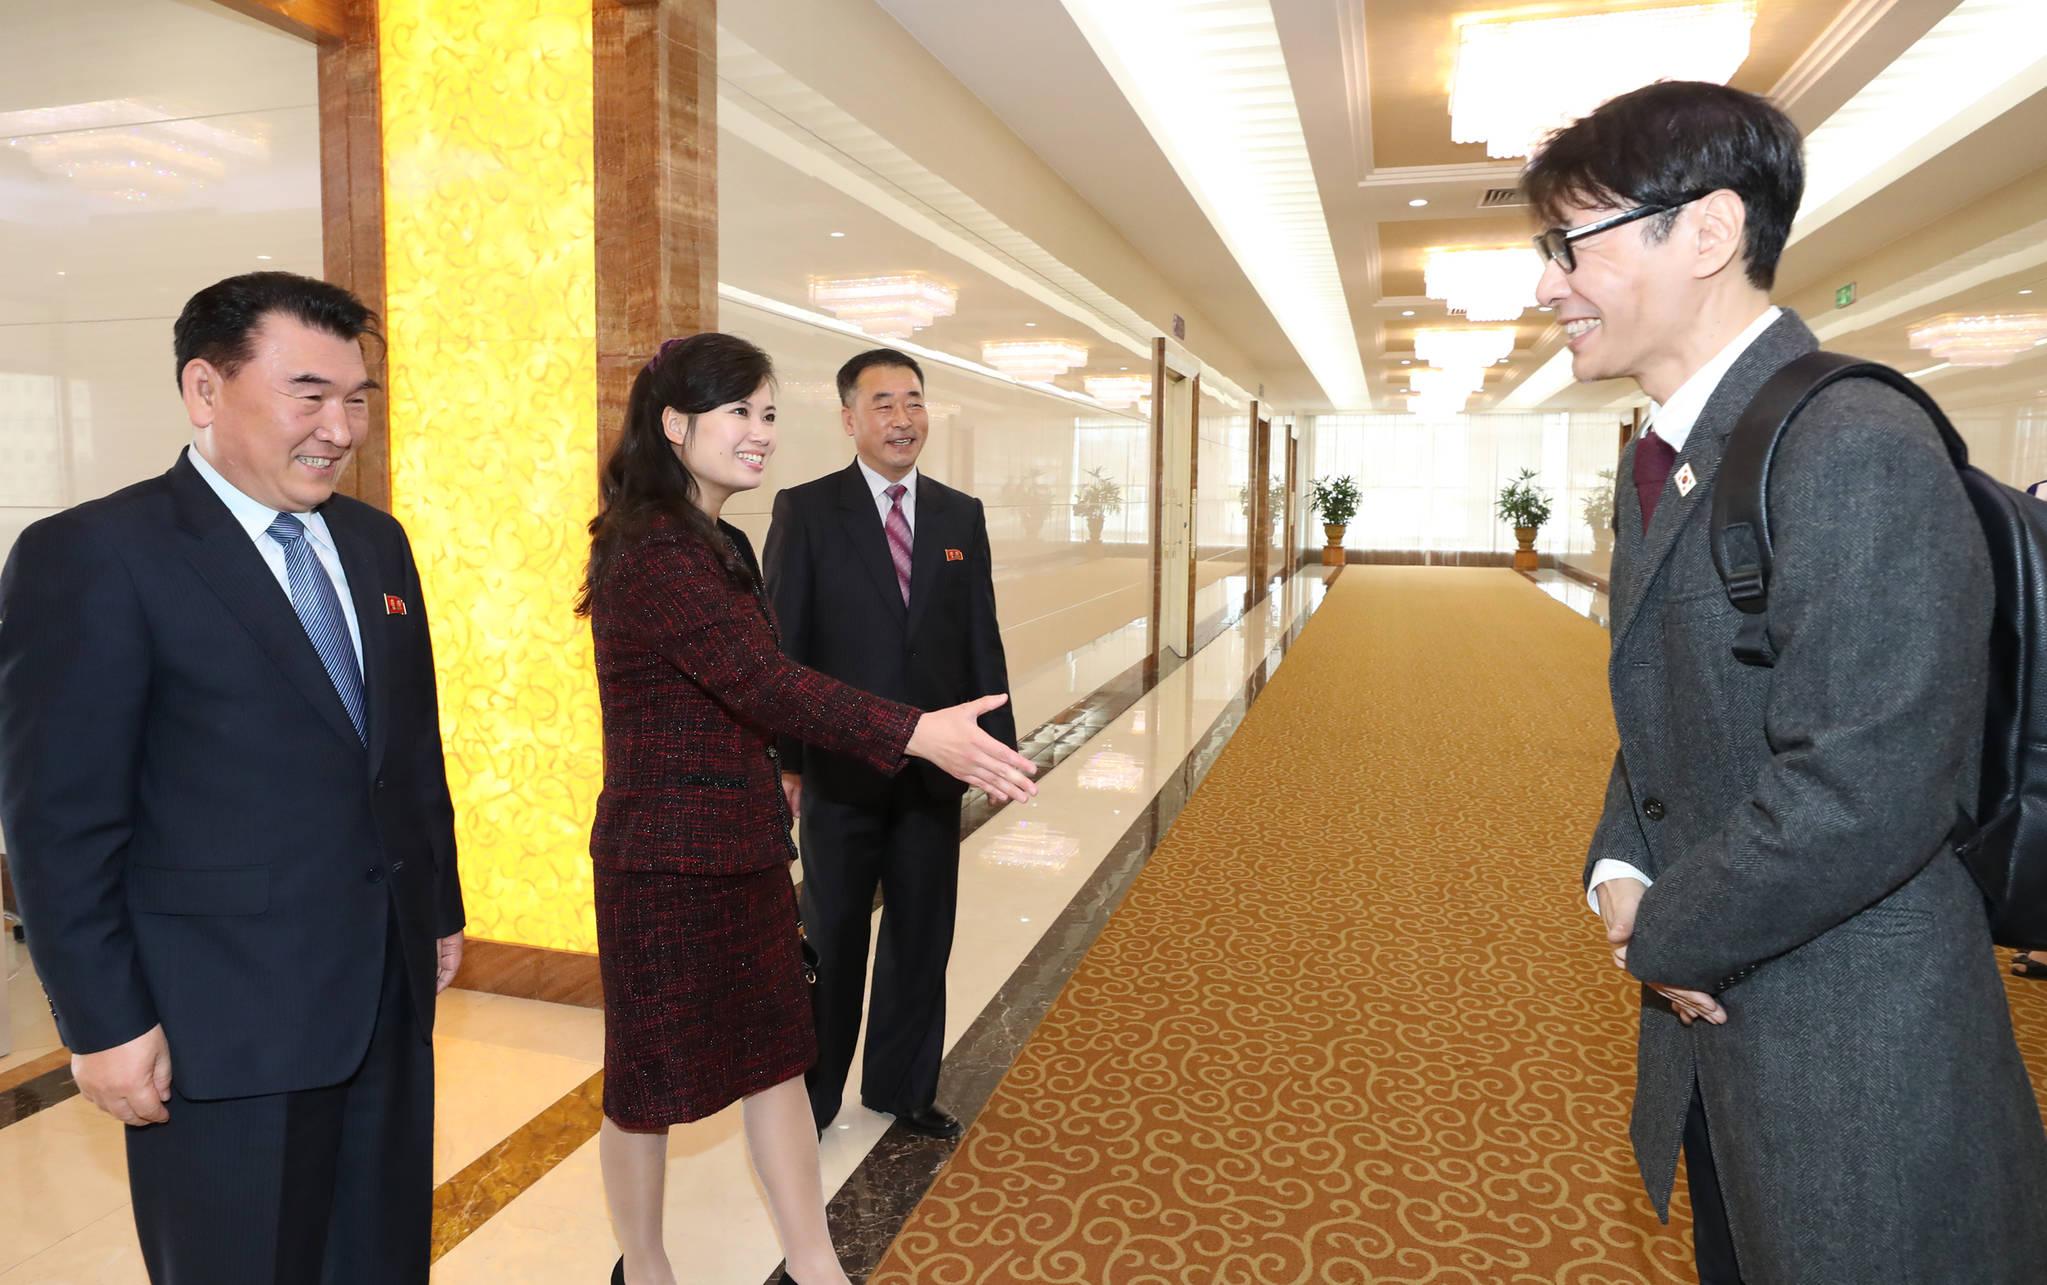 현송월 삼지연 관혁안단 단장(왼쪽 두 번째)의 환영을 받고 있는 작곡가 윤상. [사진공동취재단]